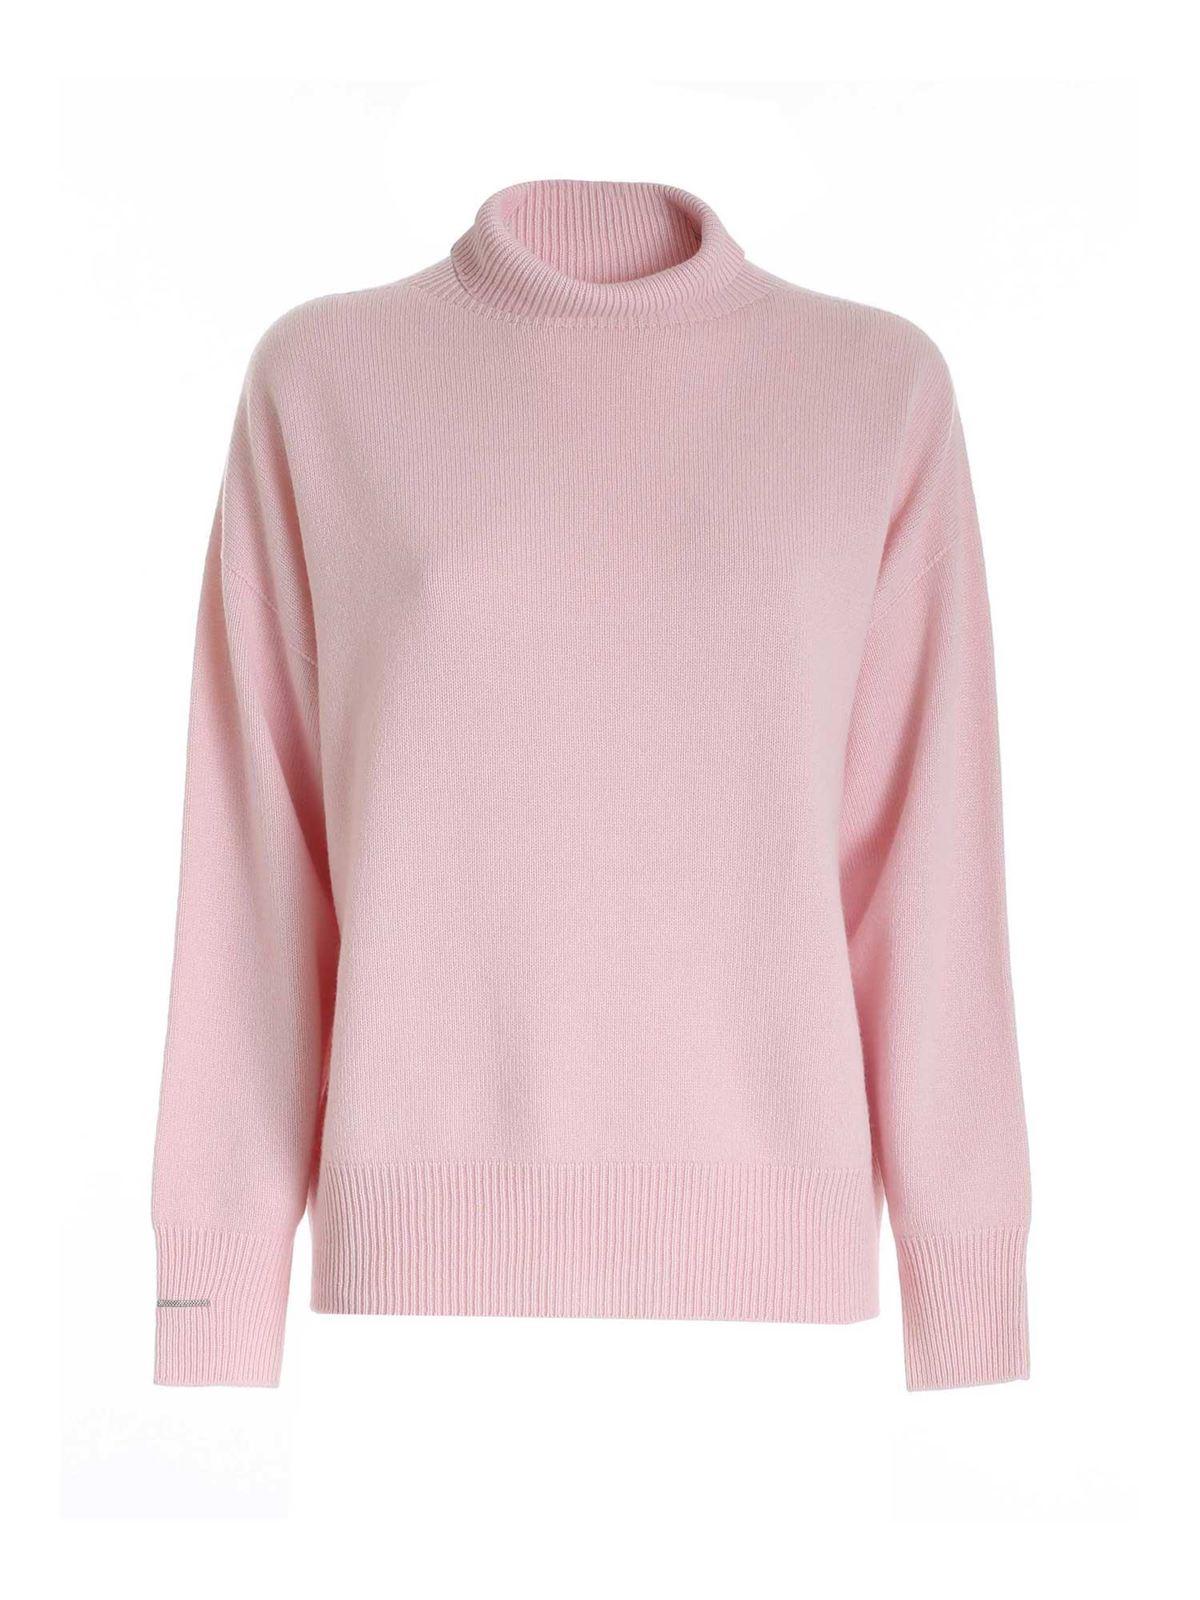 Peserico Knit Turtleneck In Pink